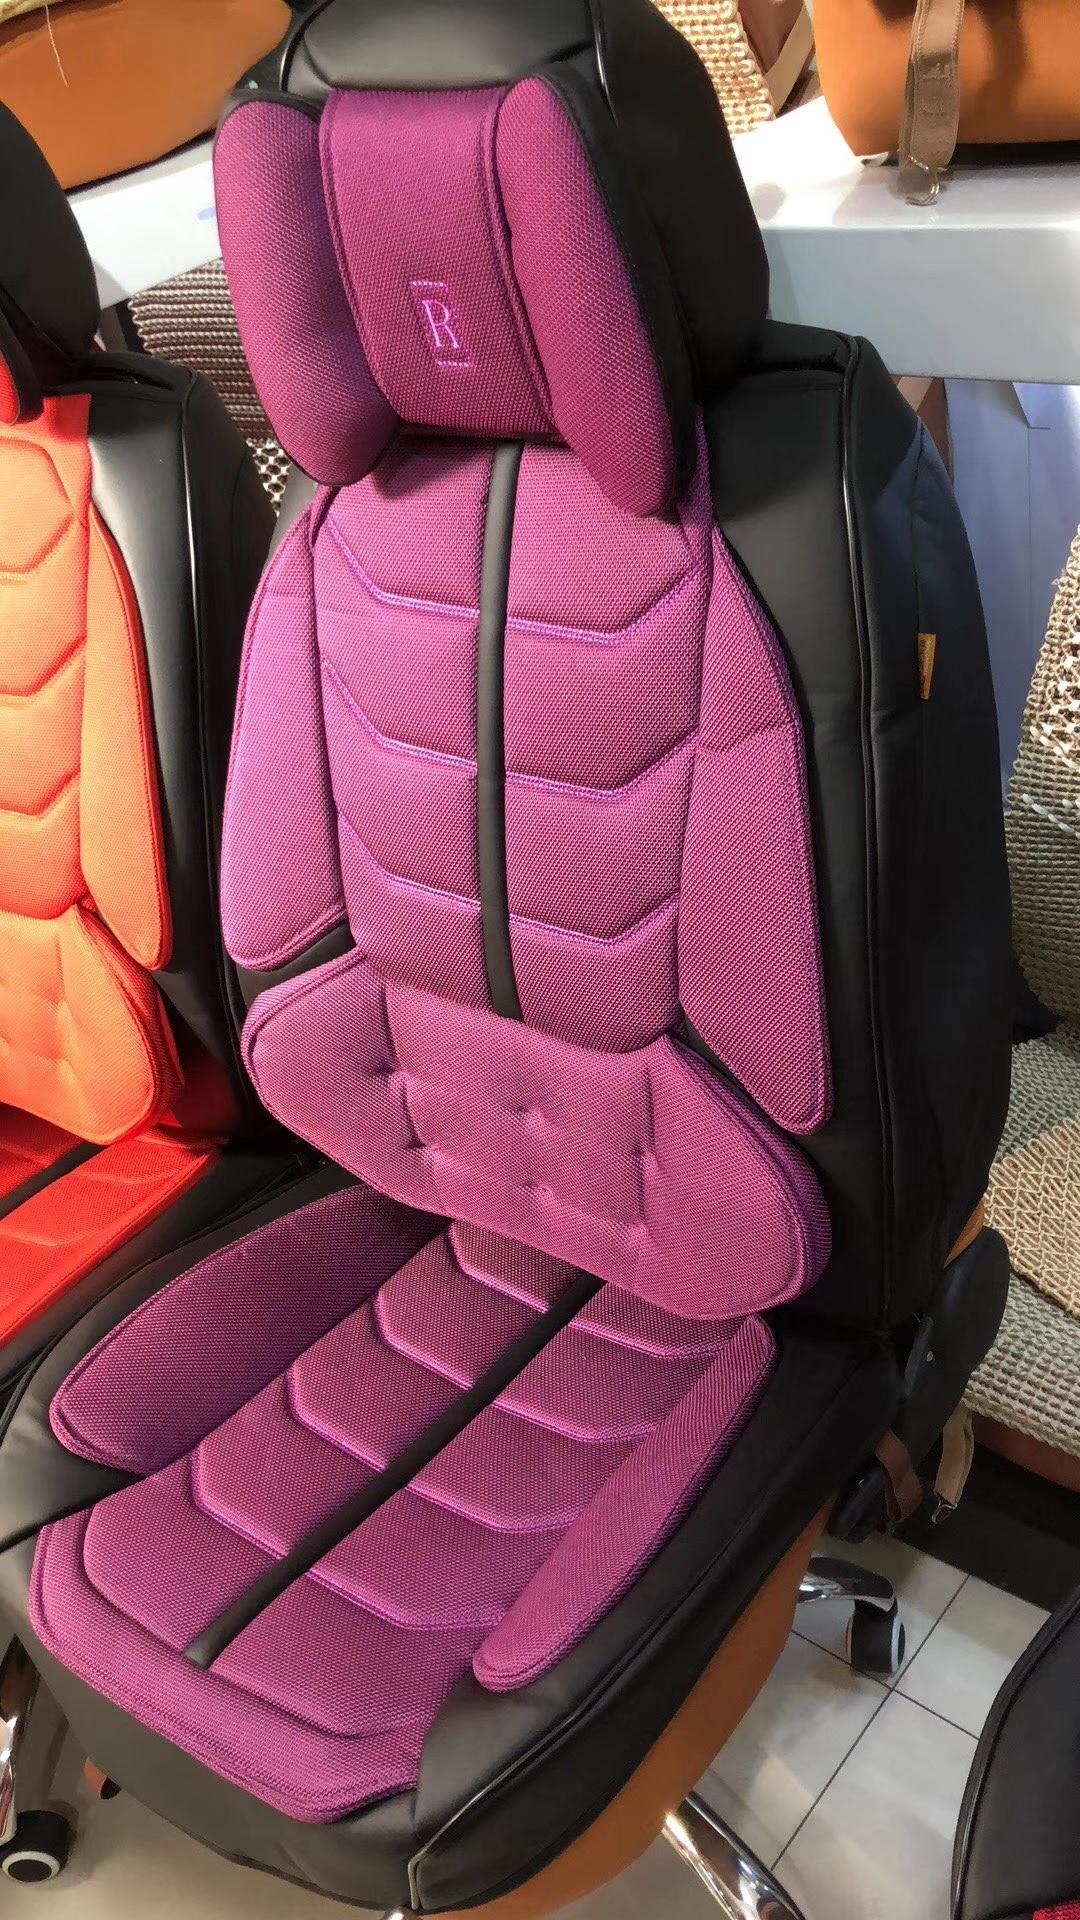 Car seat cover for Lexus LS LS460 LS460L LS600H IS300 IS 250 RX ES NX high quality leather carpet rugsCar seat cover for Lexus LS LS460 LS460L LS600H IS300 IS 250 RX ES NX high quality leather carpet rugs